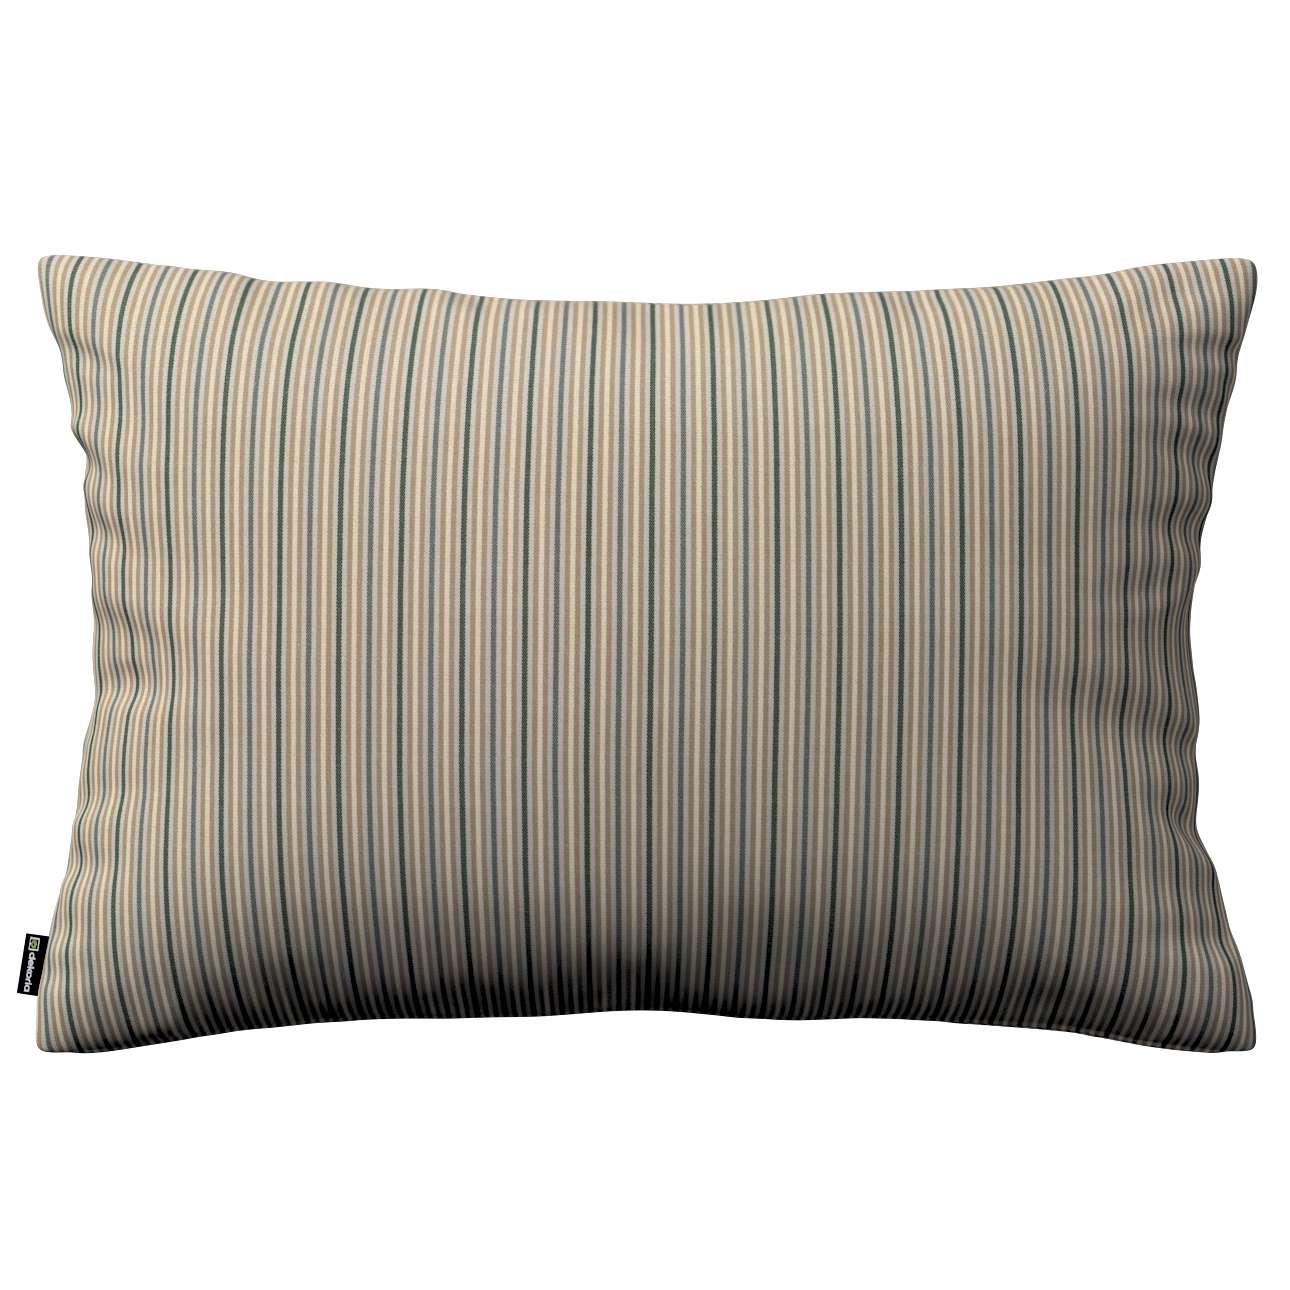 Poszewka Kinga na poduszkę prostokątną w kolekcji Londres, tkanina: 143-38